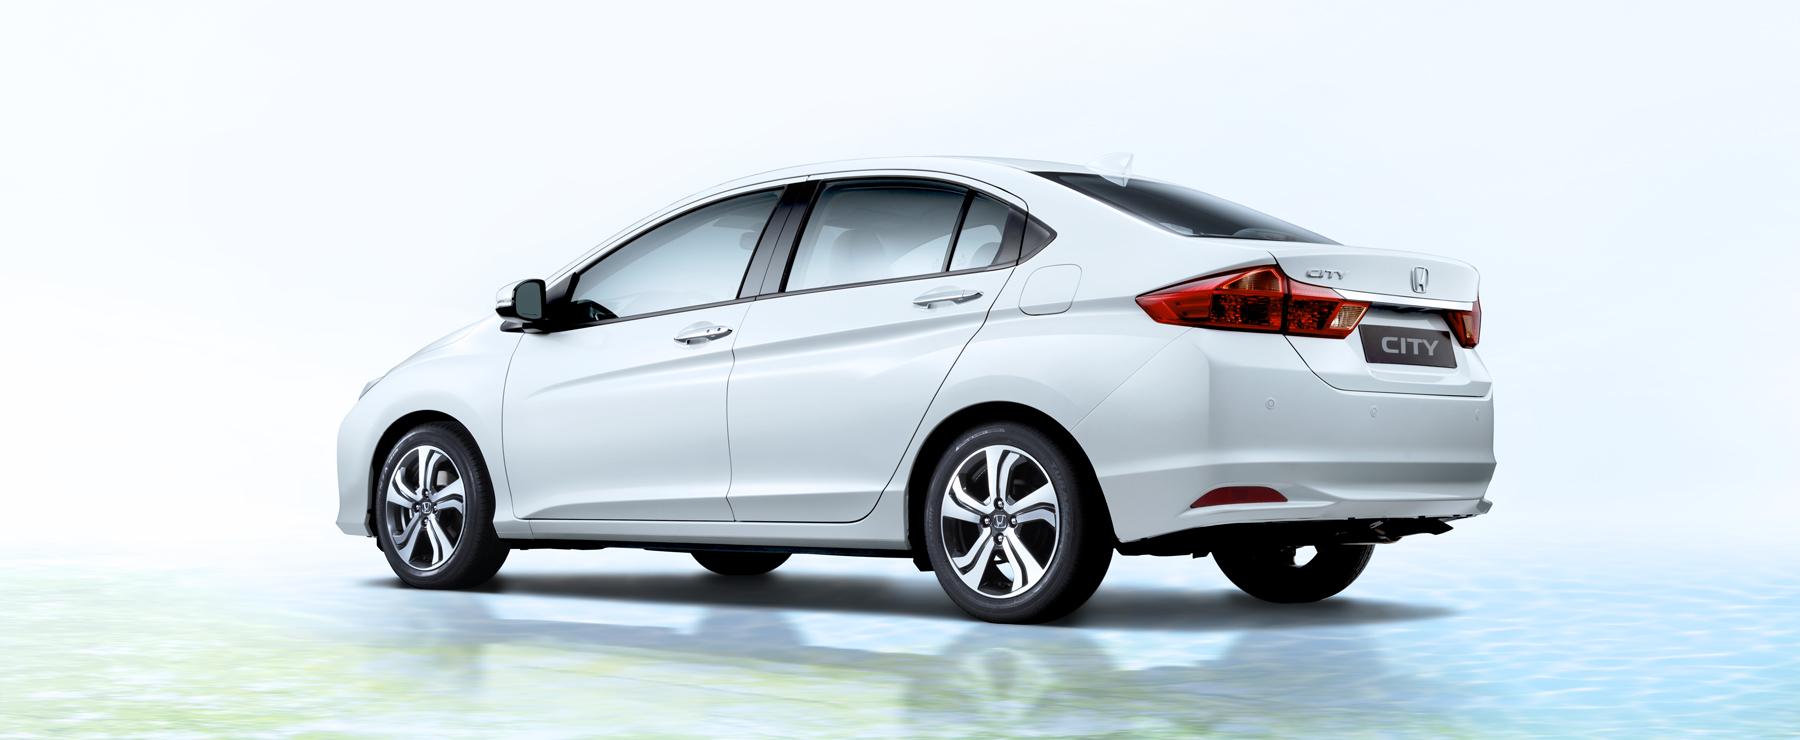 Honda City 2017 1 5l Ex In Uae New Car Prices Specs